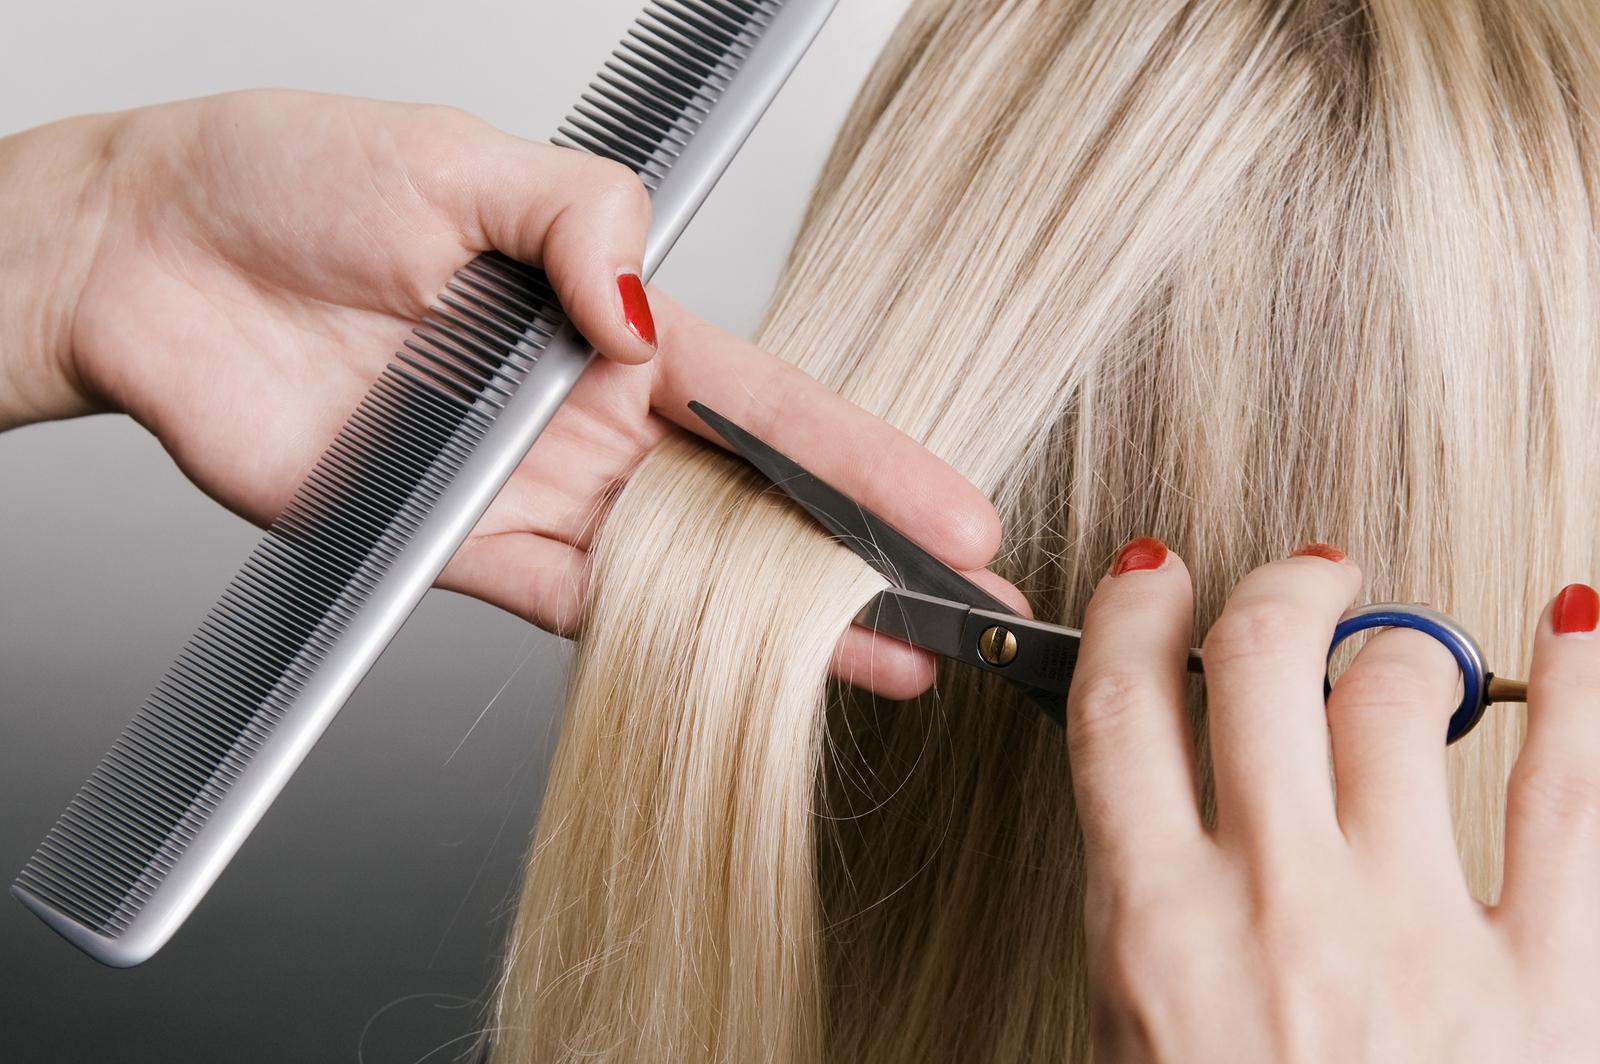 Min House mách bạn cách cải tiện tóc xơ rối chỉ sau vài ngày